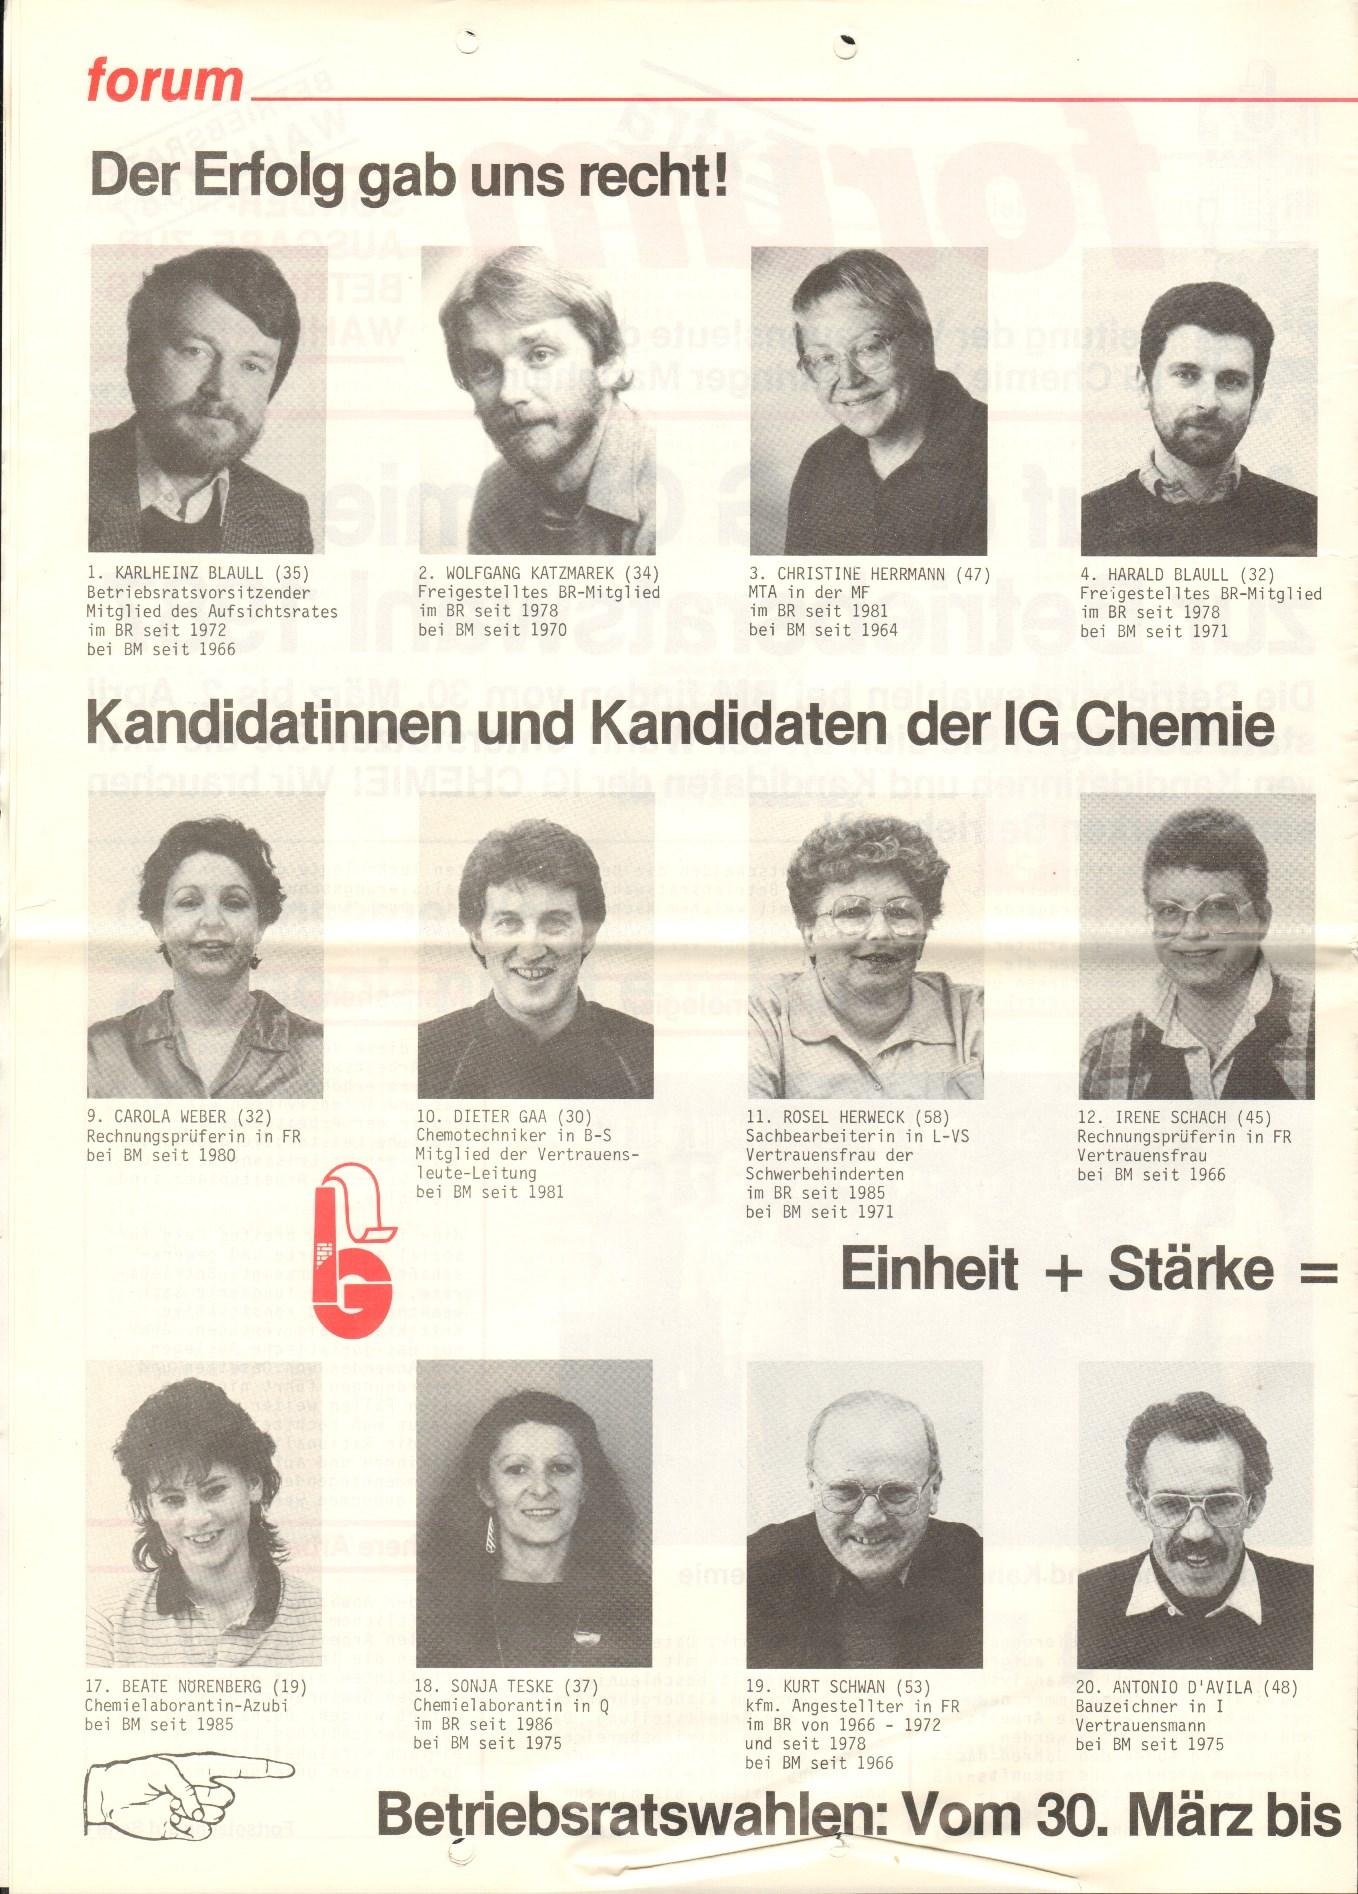 Mannheim_Boehringer_Ausschluss_VKL_1987_02_02